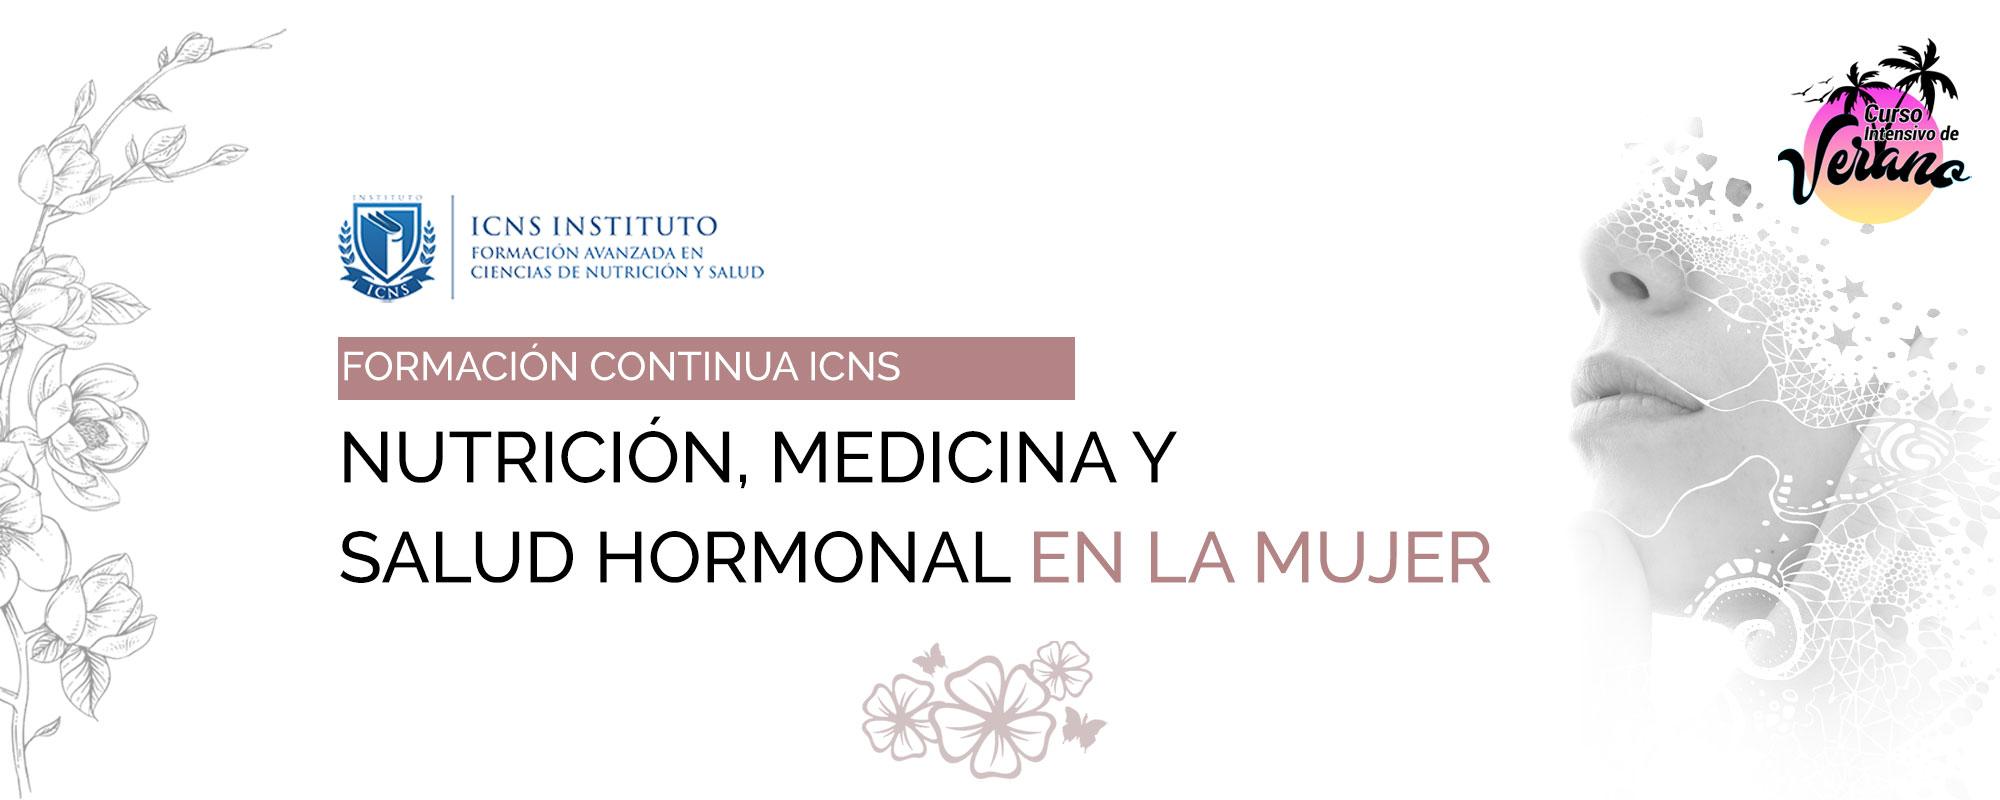 Nutrición, Medicina y Salud Hormonal en la Mujer